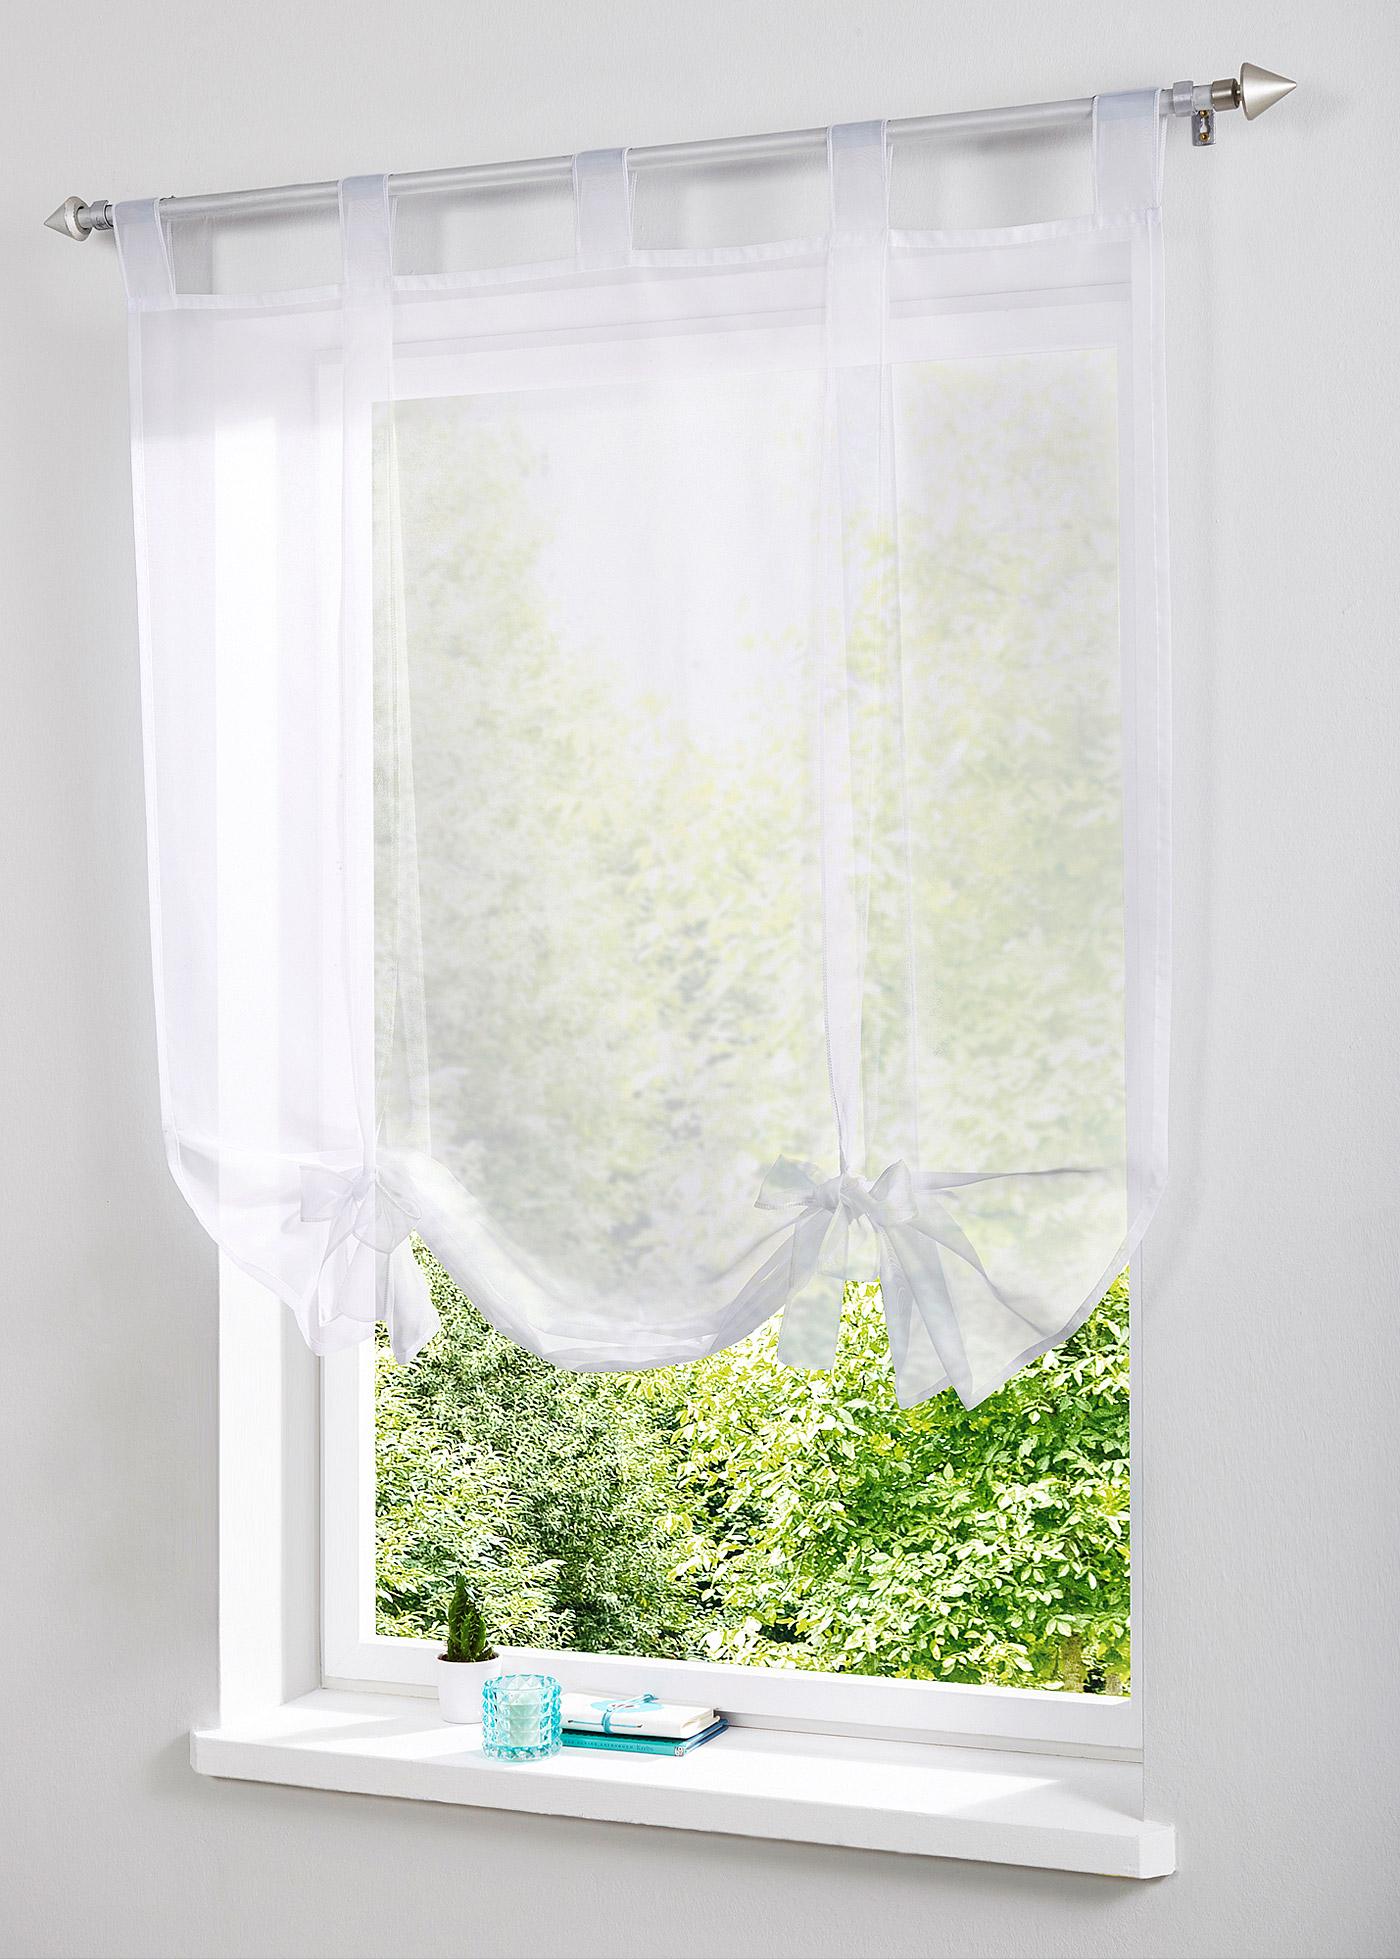 bonprix d coration maison et jardin discount page 1. Black Bedroom Furniture Sets. Home Design Ideas